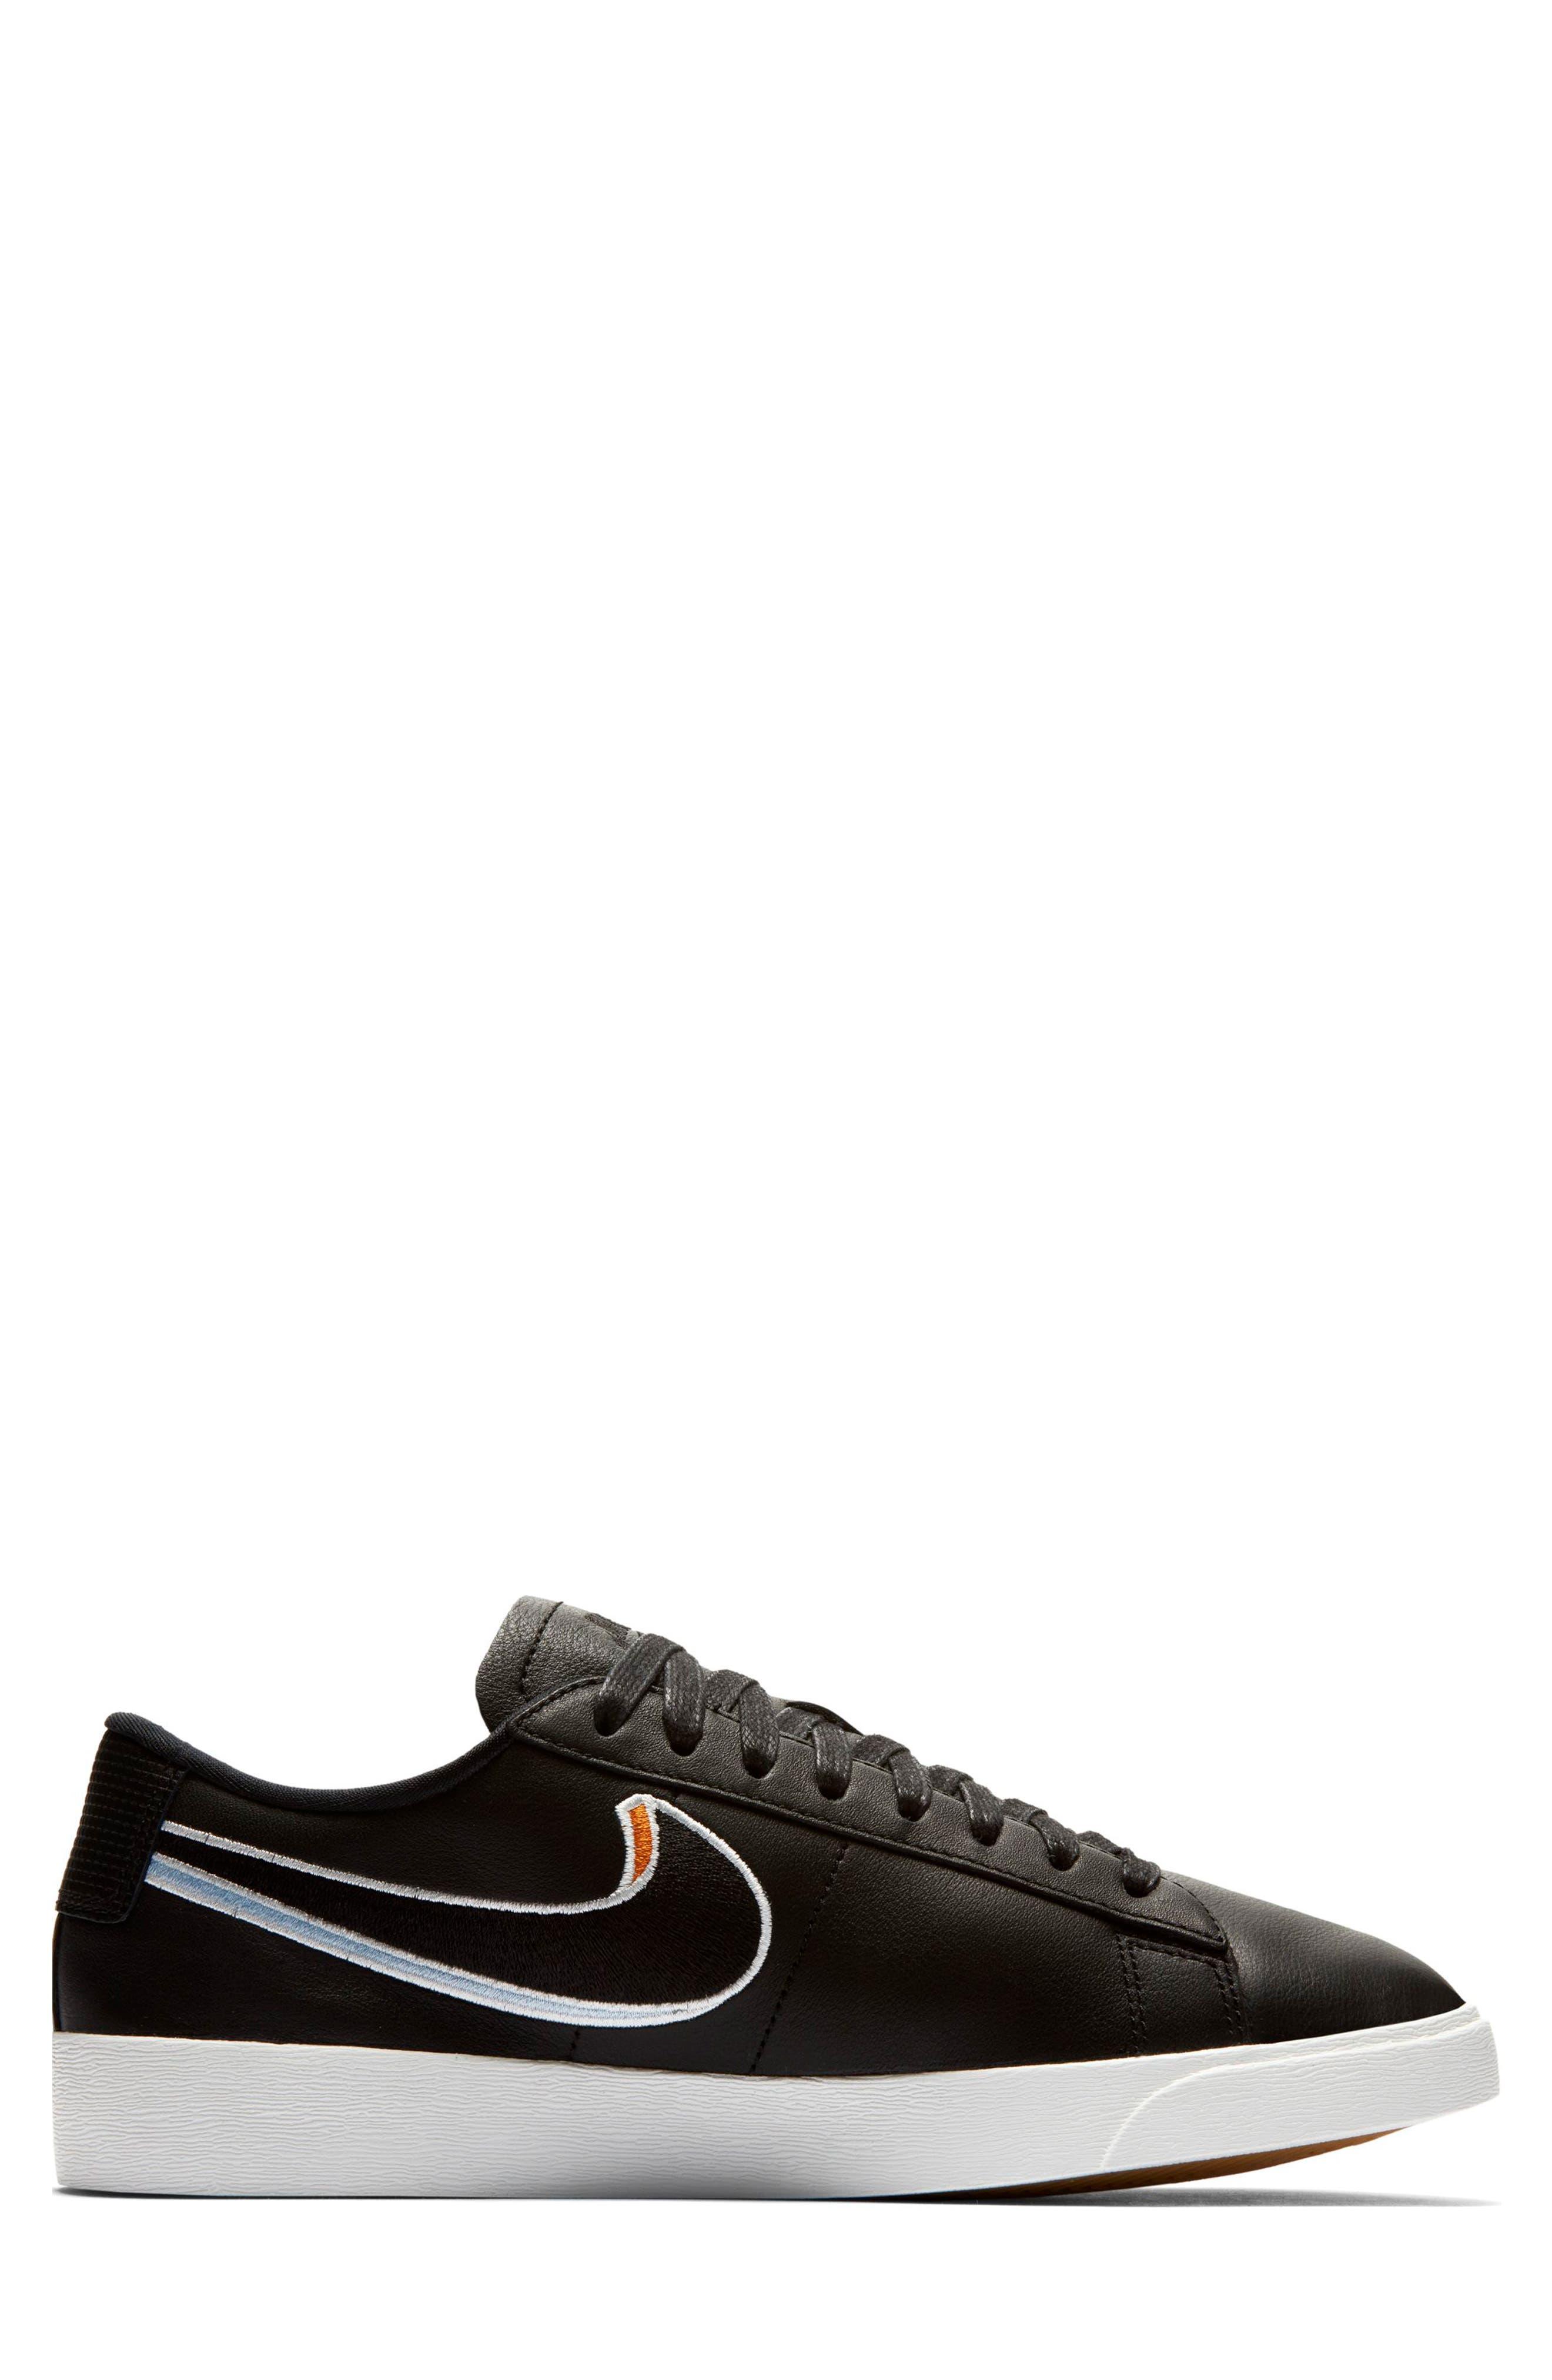 Blazer Low LX Sneaker,                             Alternate thumbnail 3, color,                             BLACK/ ROYAL TINT/ MONARCH